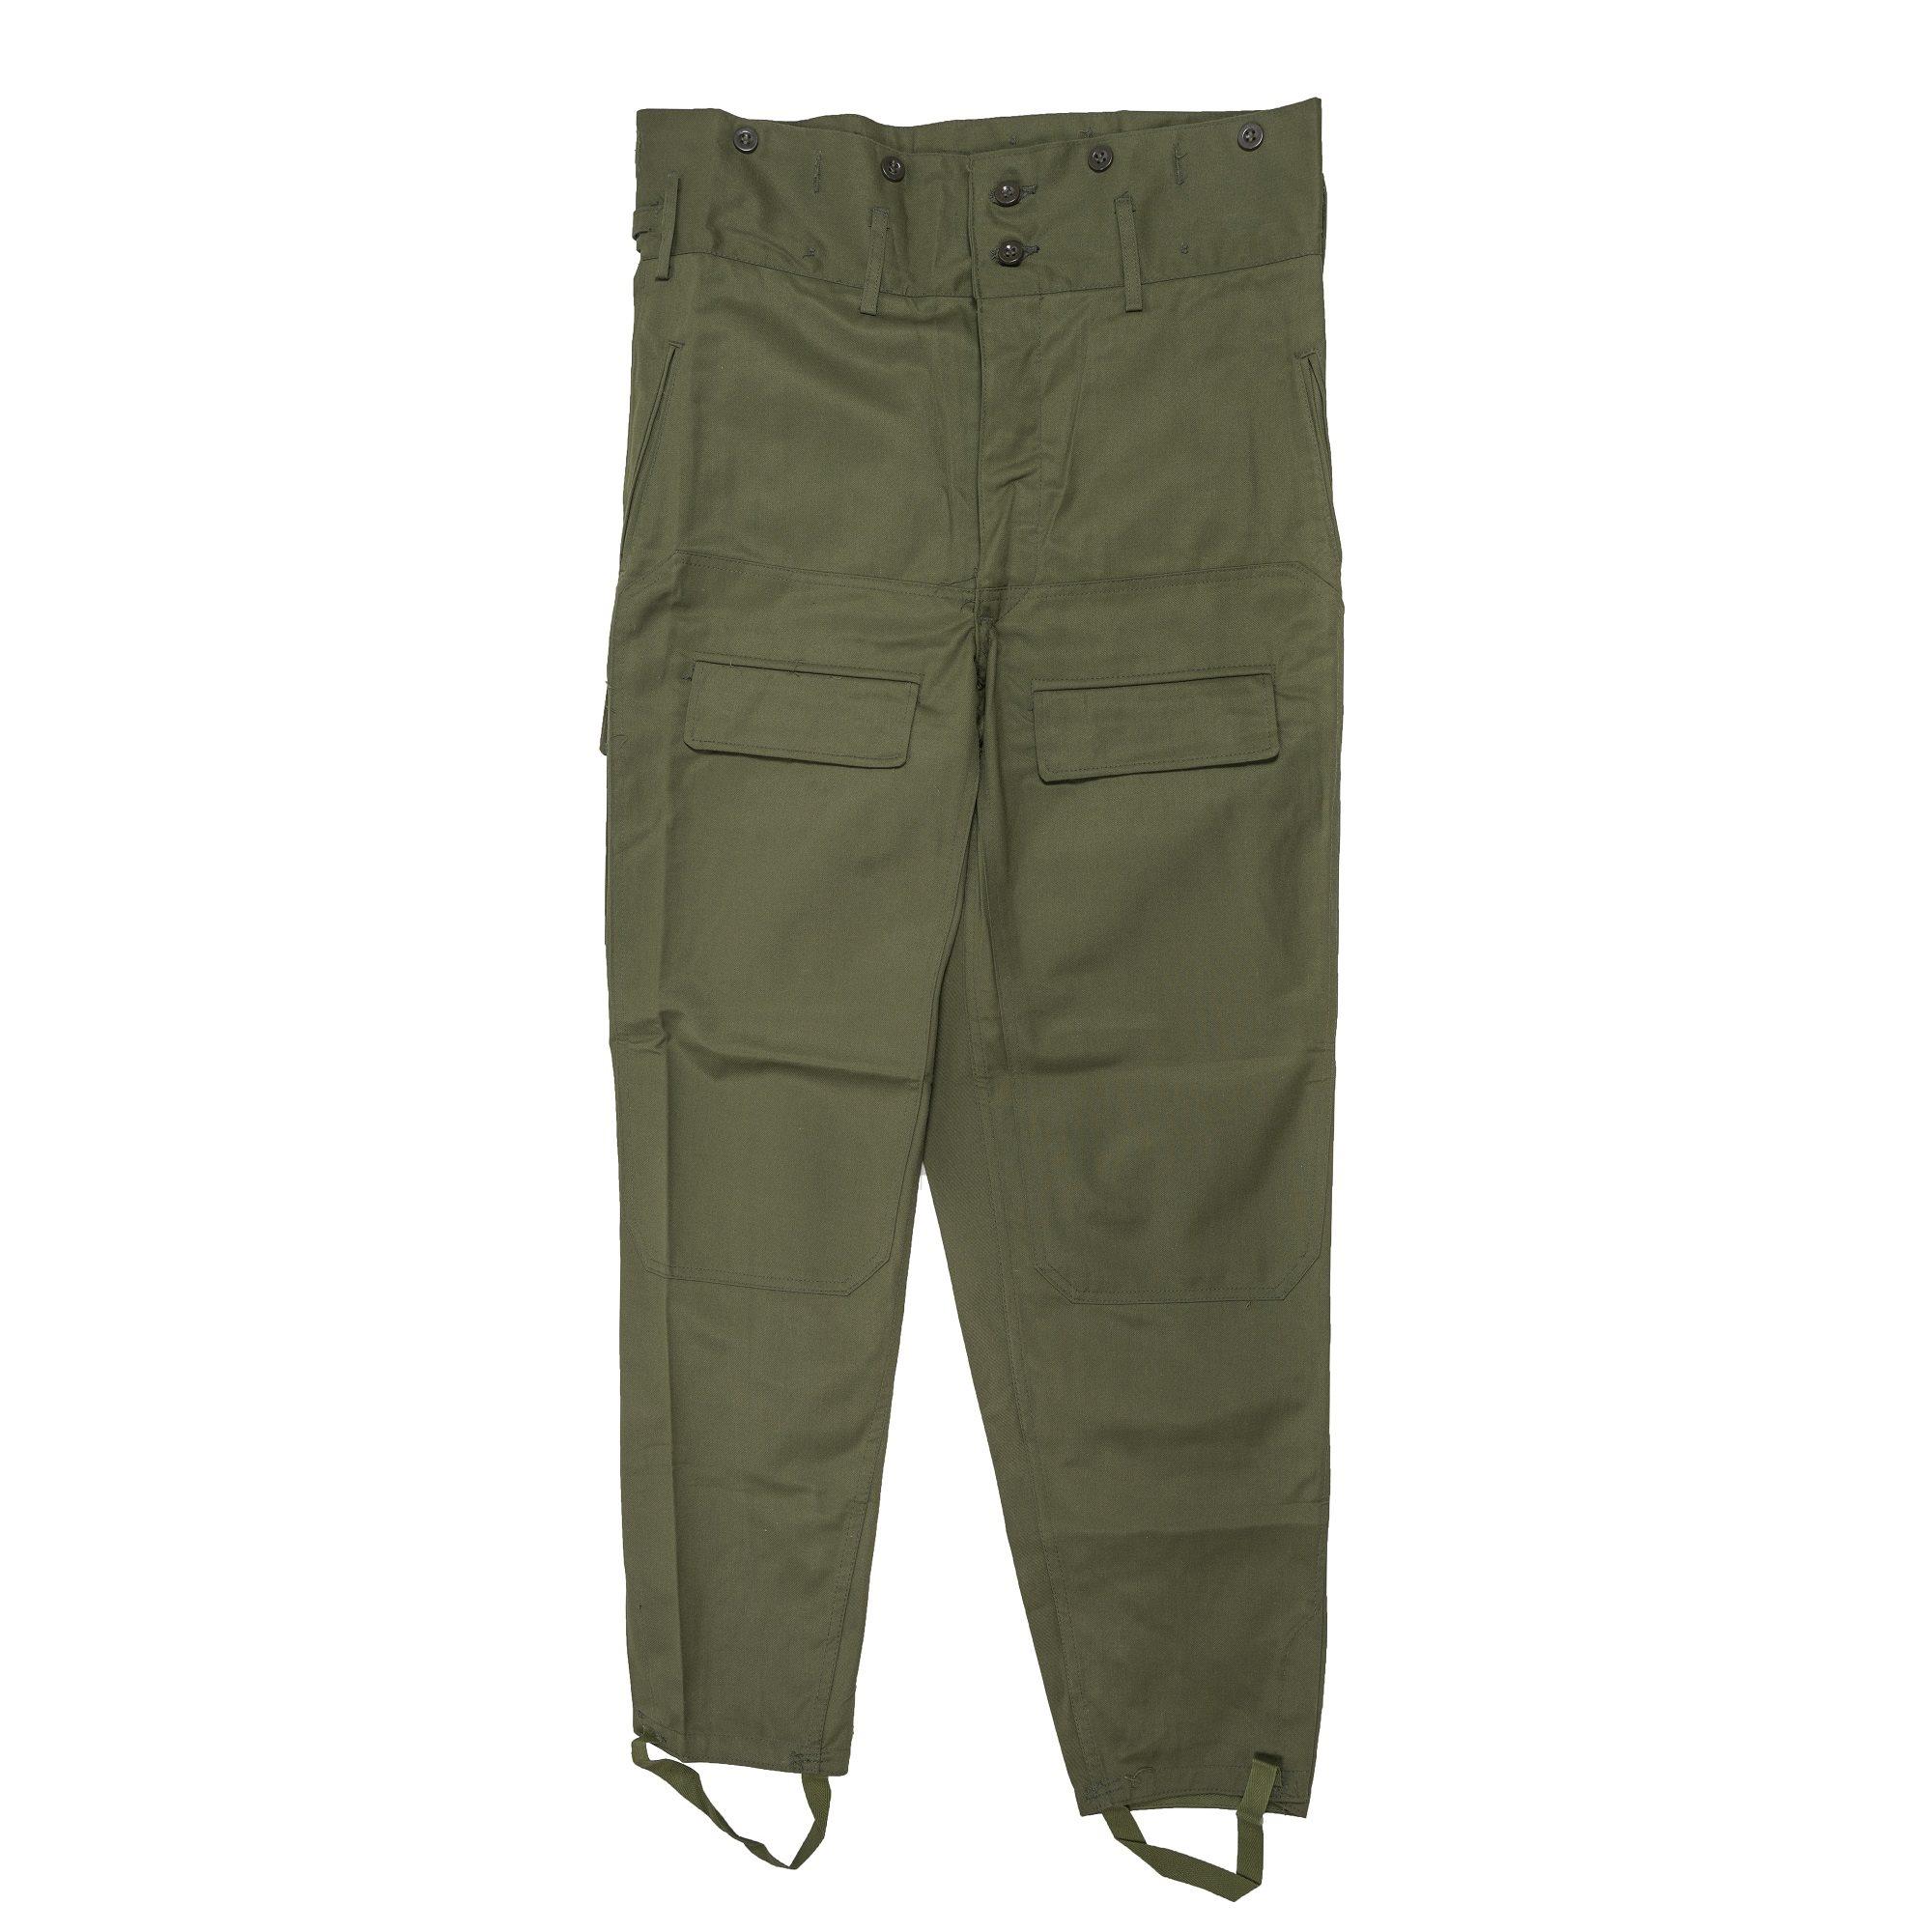 Kalhoty vz.85 nové zelené vel.172/100